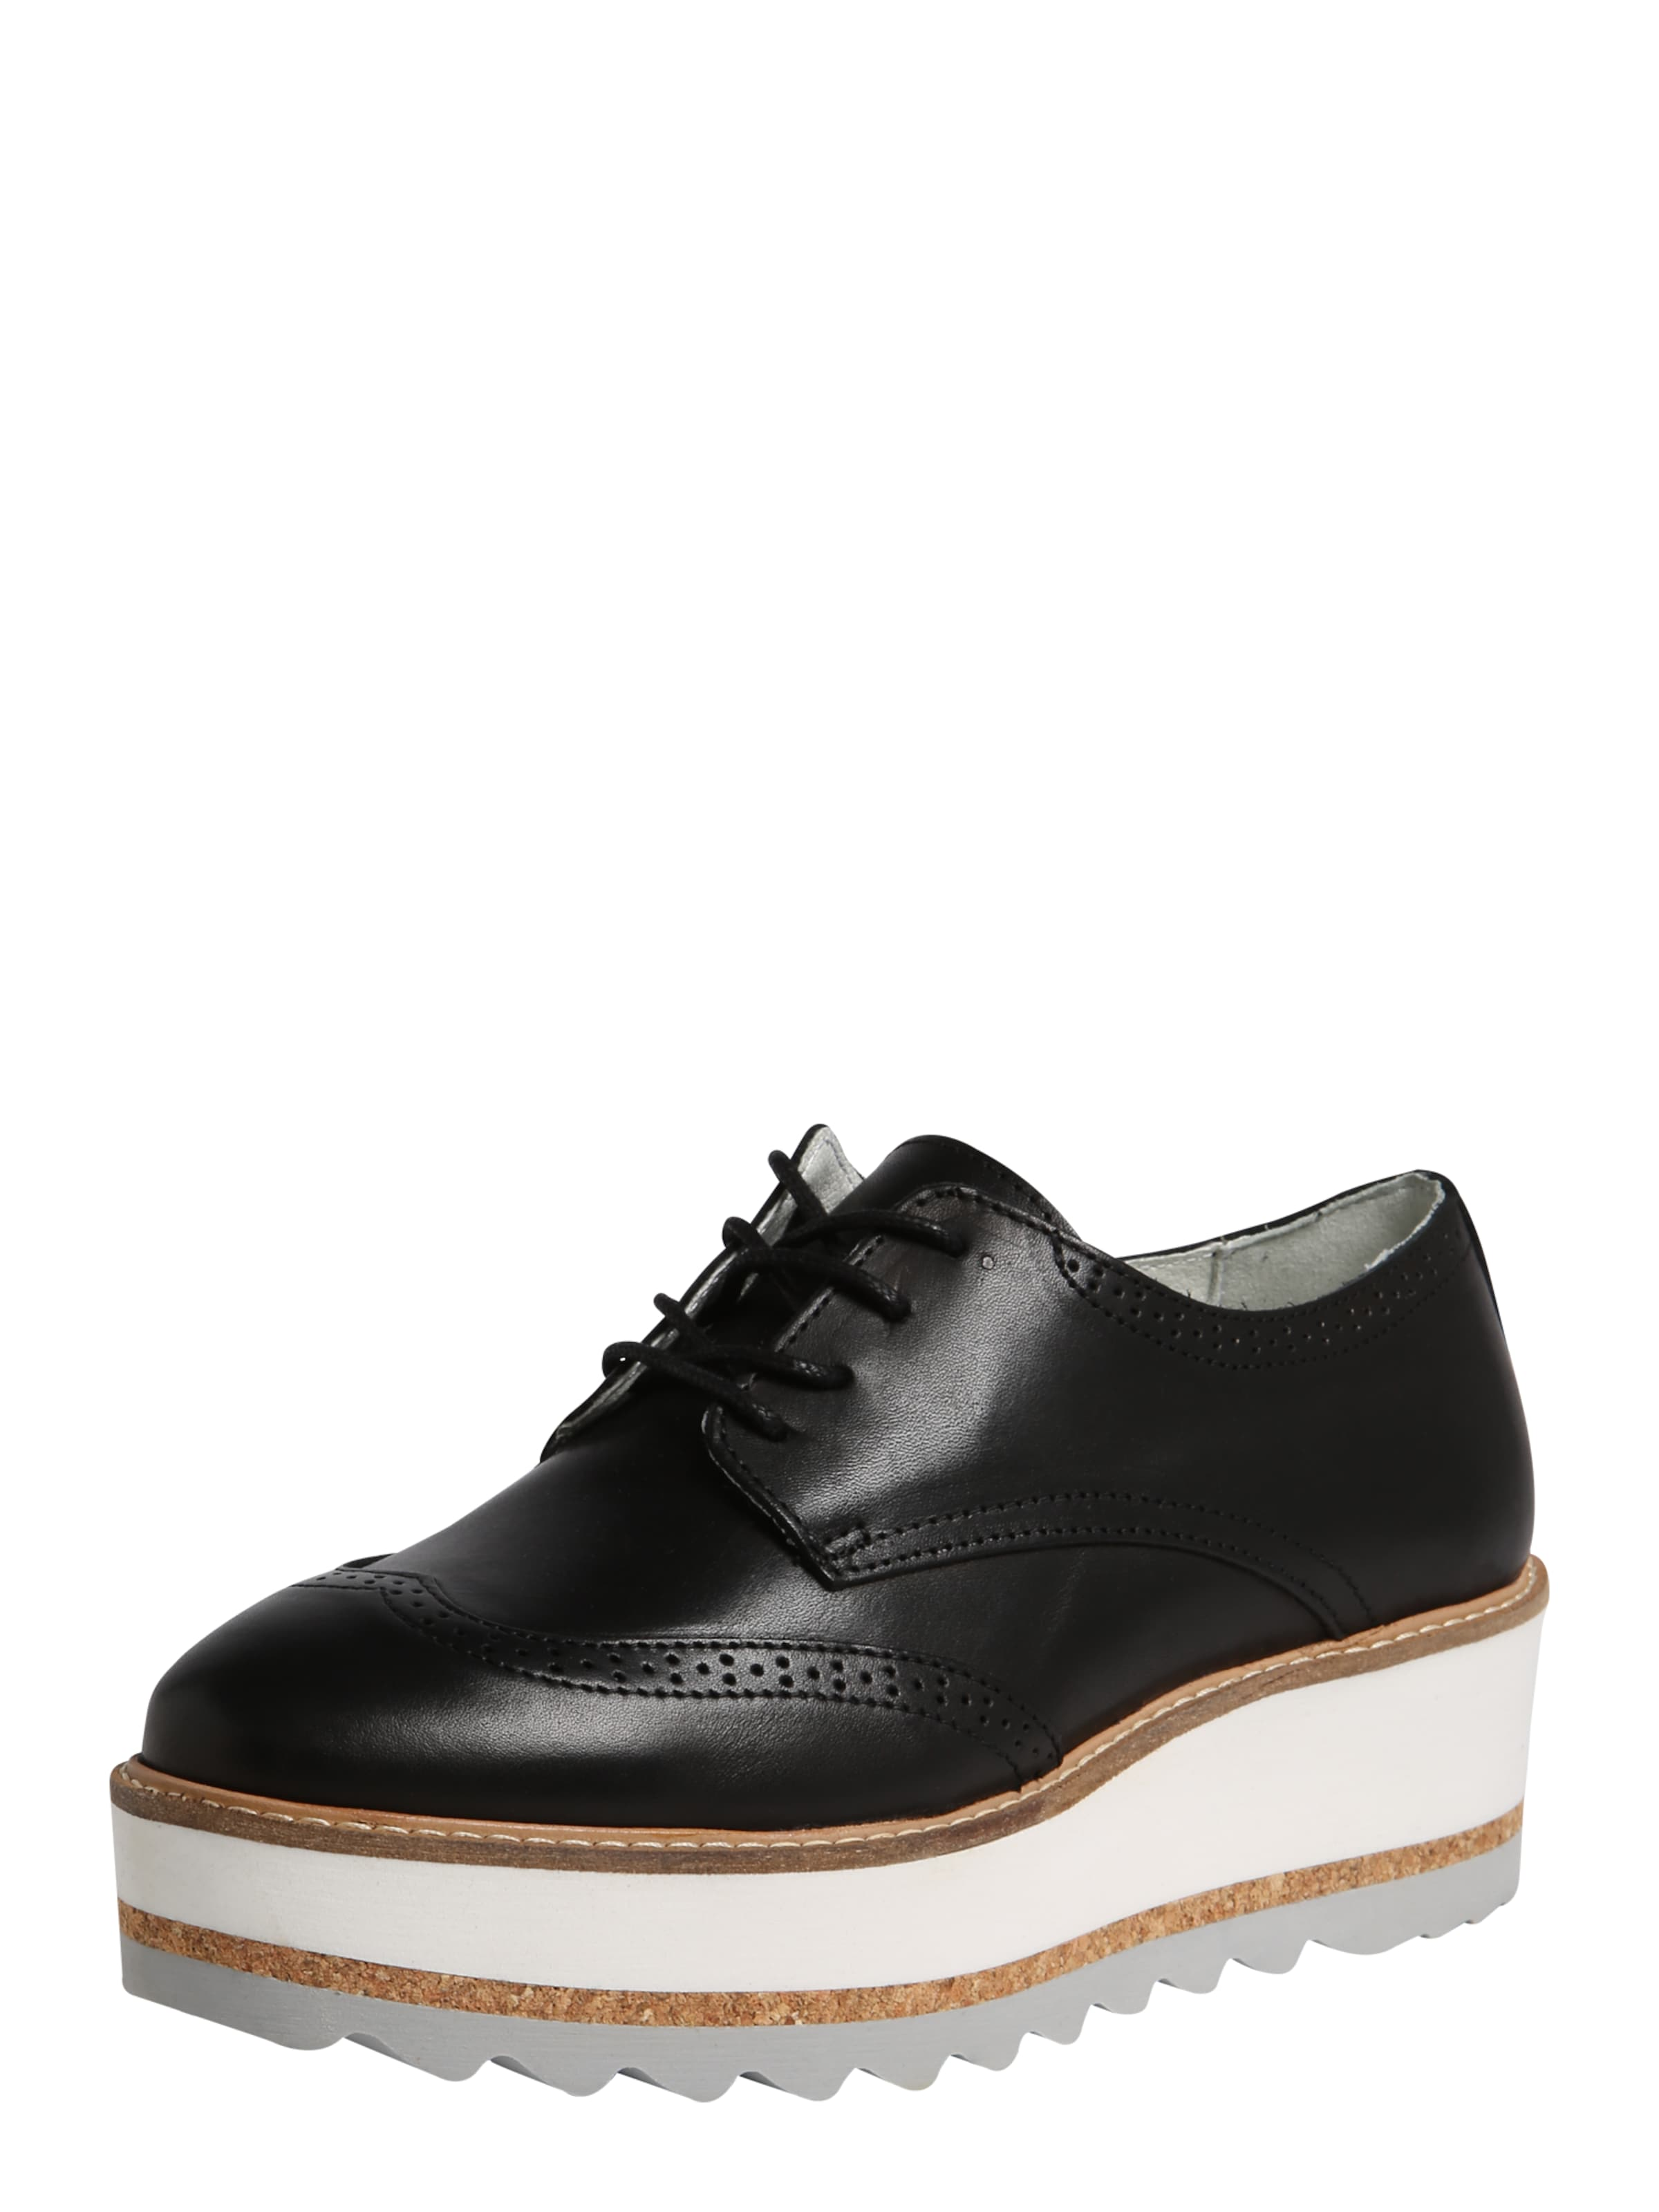 Haltbare Schnürer Mode billige Schuhe BULLBOXER | Schnürer Haltbare Schuhe Gut getragene Schuhe 095763